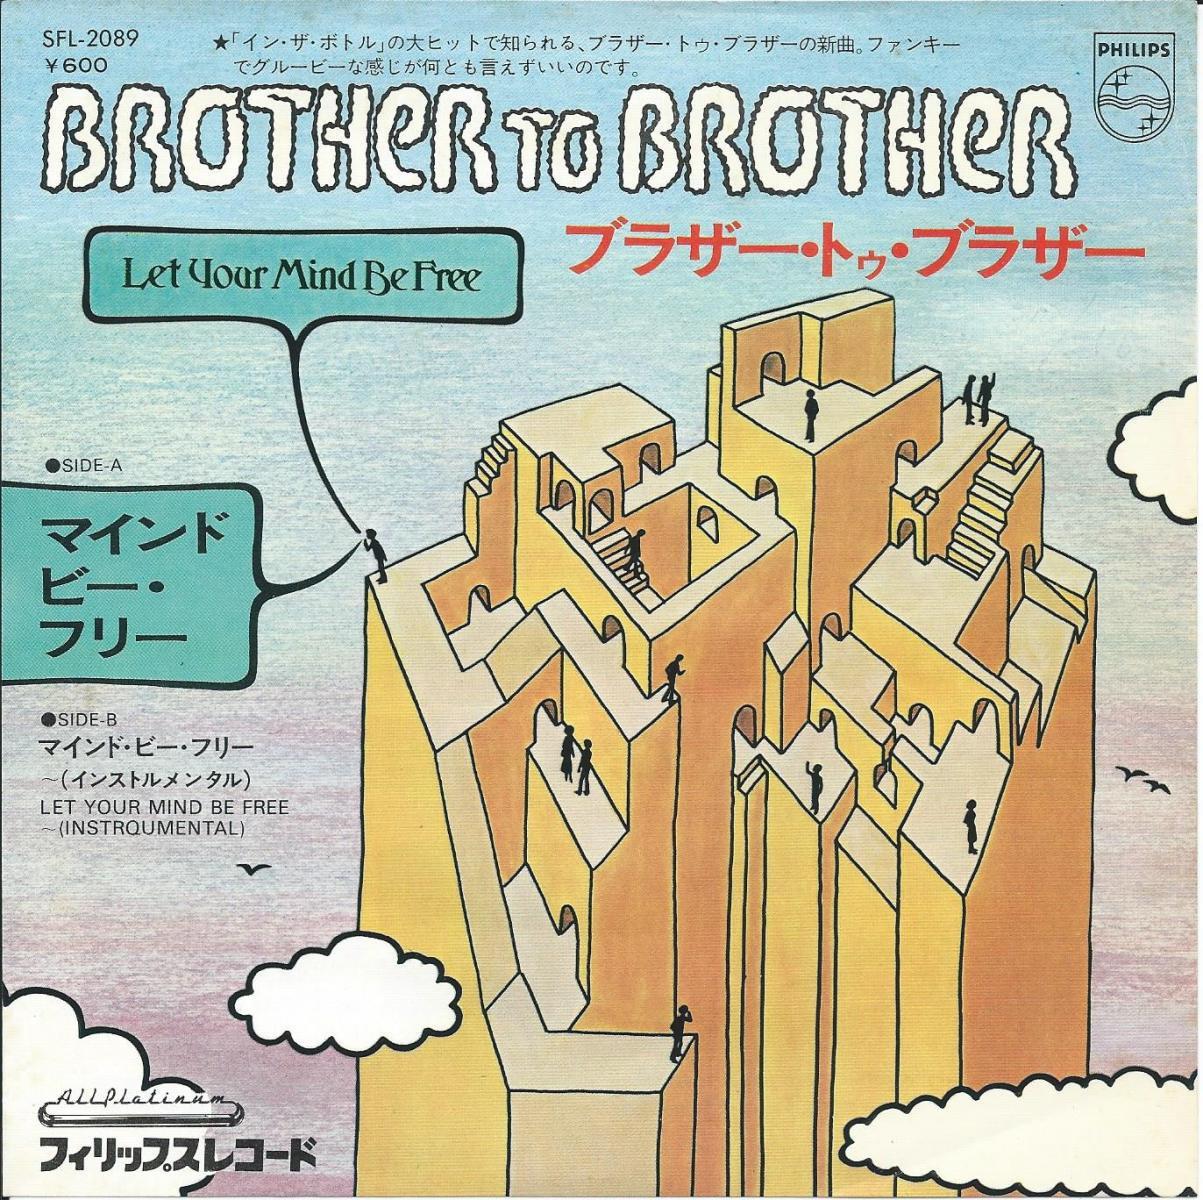 ブラザー・トゥ・ブラザー BROTHER TO BROTHER / マインド・ビー・フリー LET YOUR MIND BE FREE (7